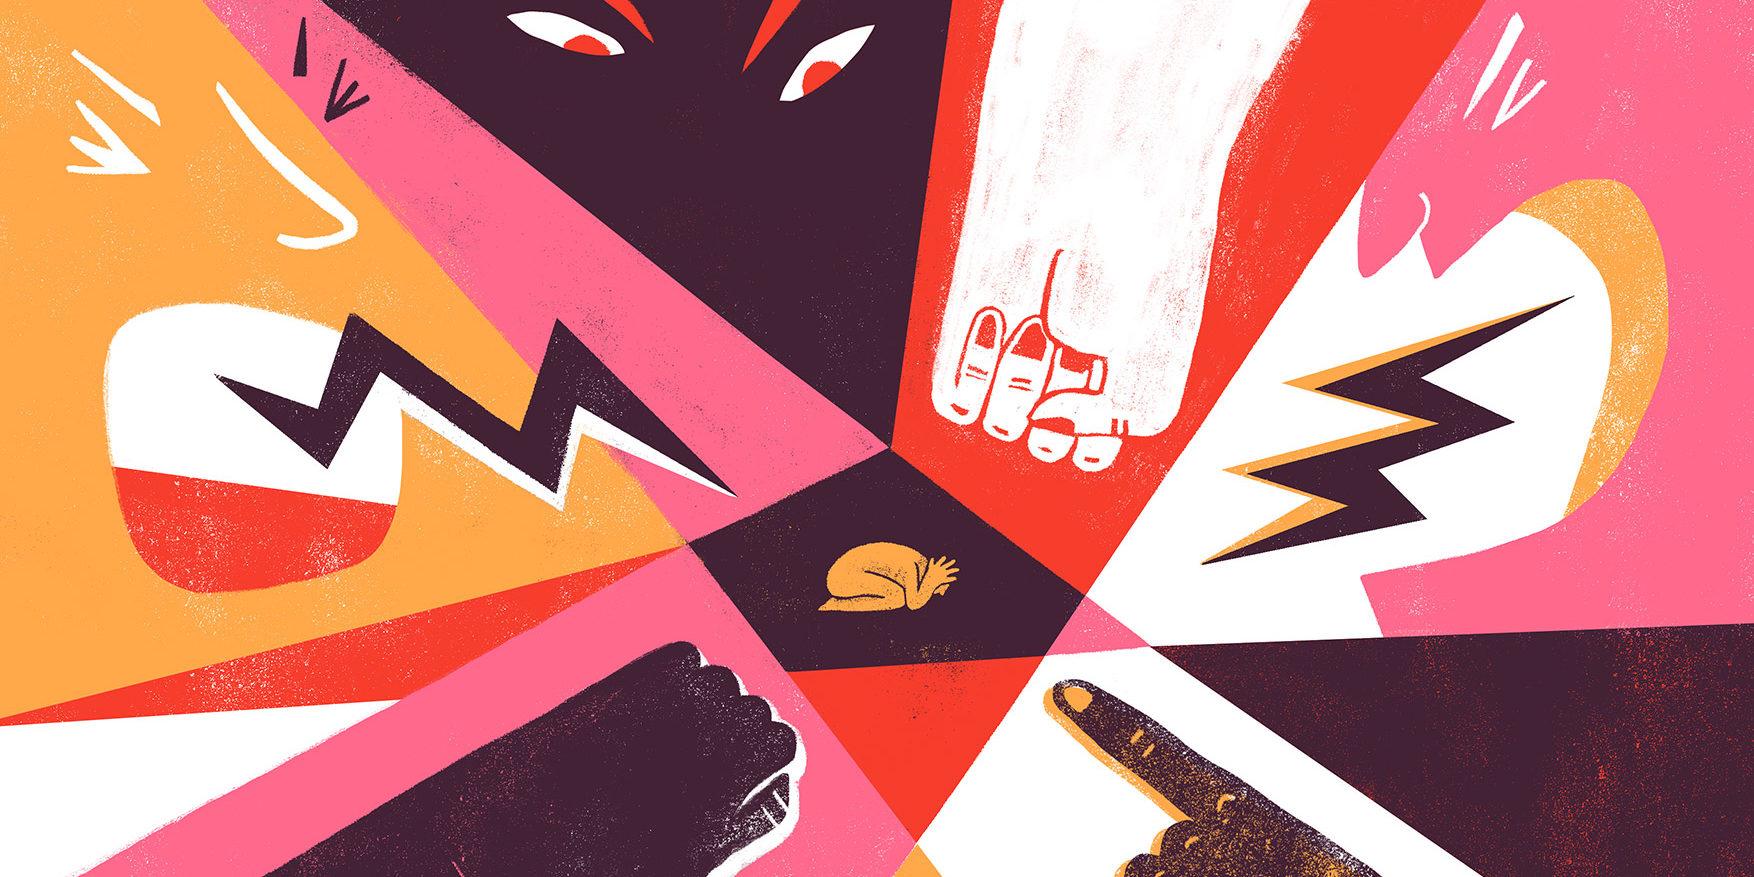 Te odio y te daño: Crímenes de odio | Enfoque Derecho | El Portal ...